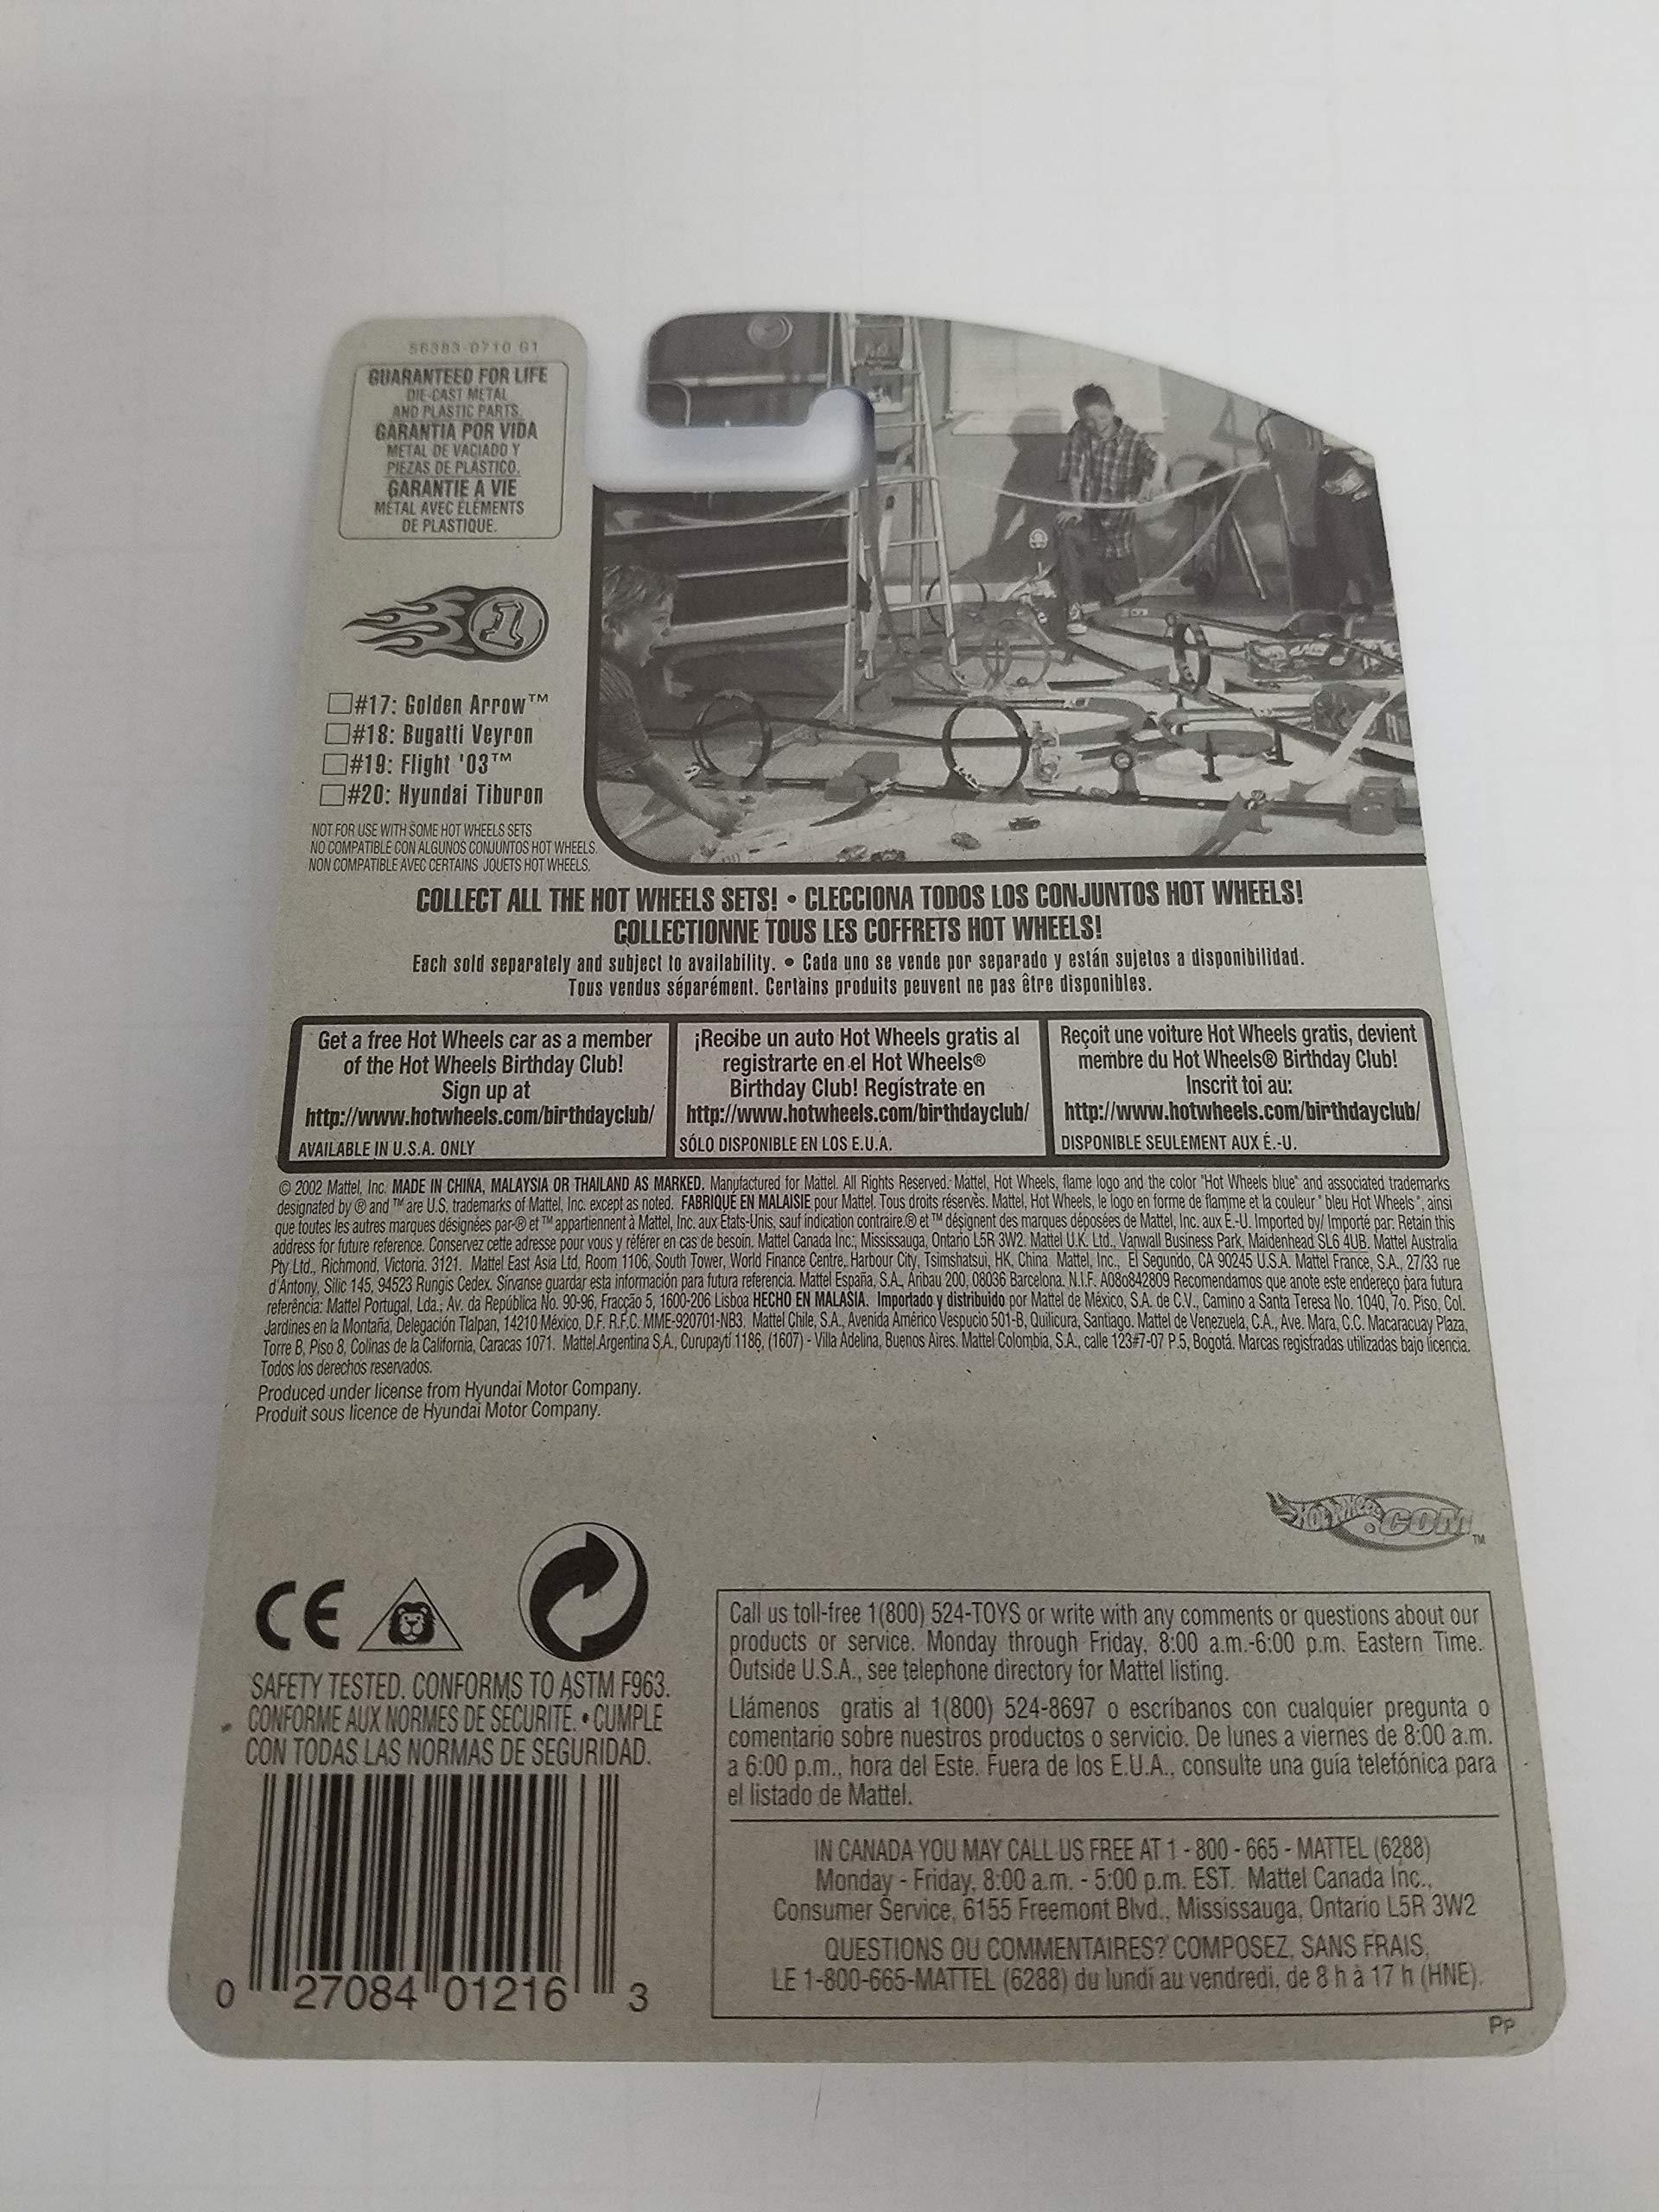 Hyundai Tiburon 2003 First Editions 20 of 42 Hot Wheels NO. 032